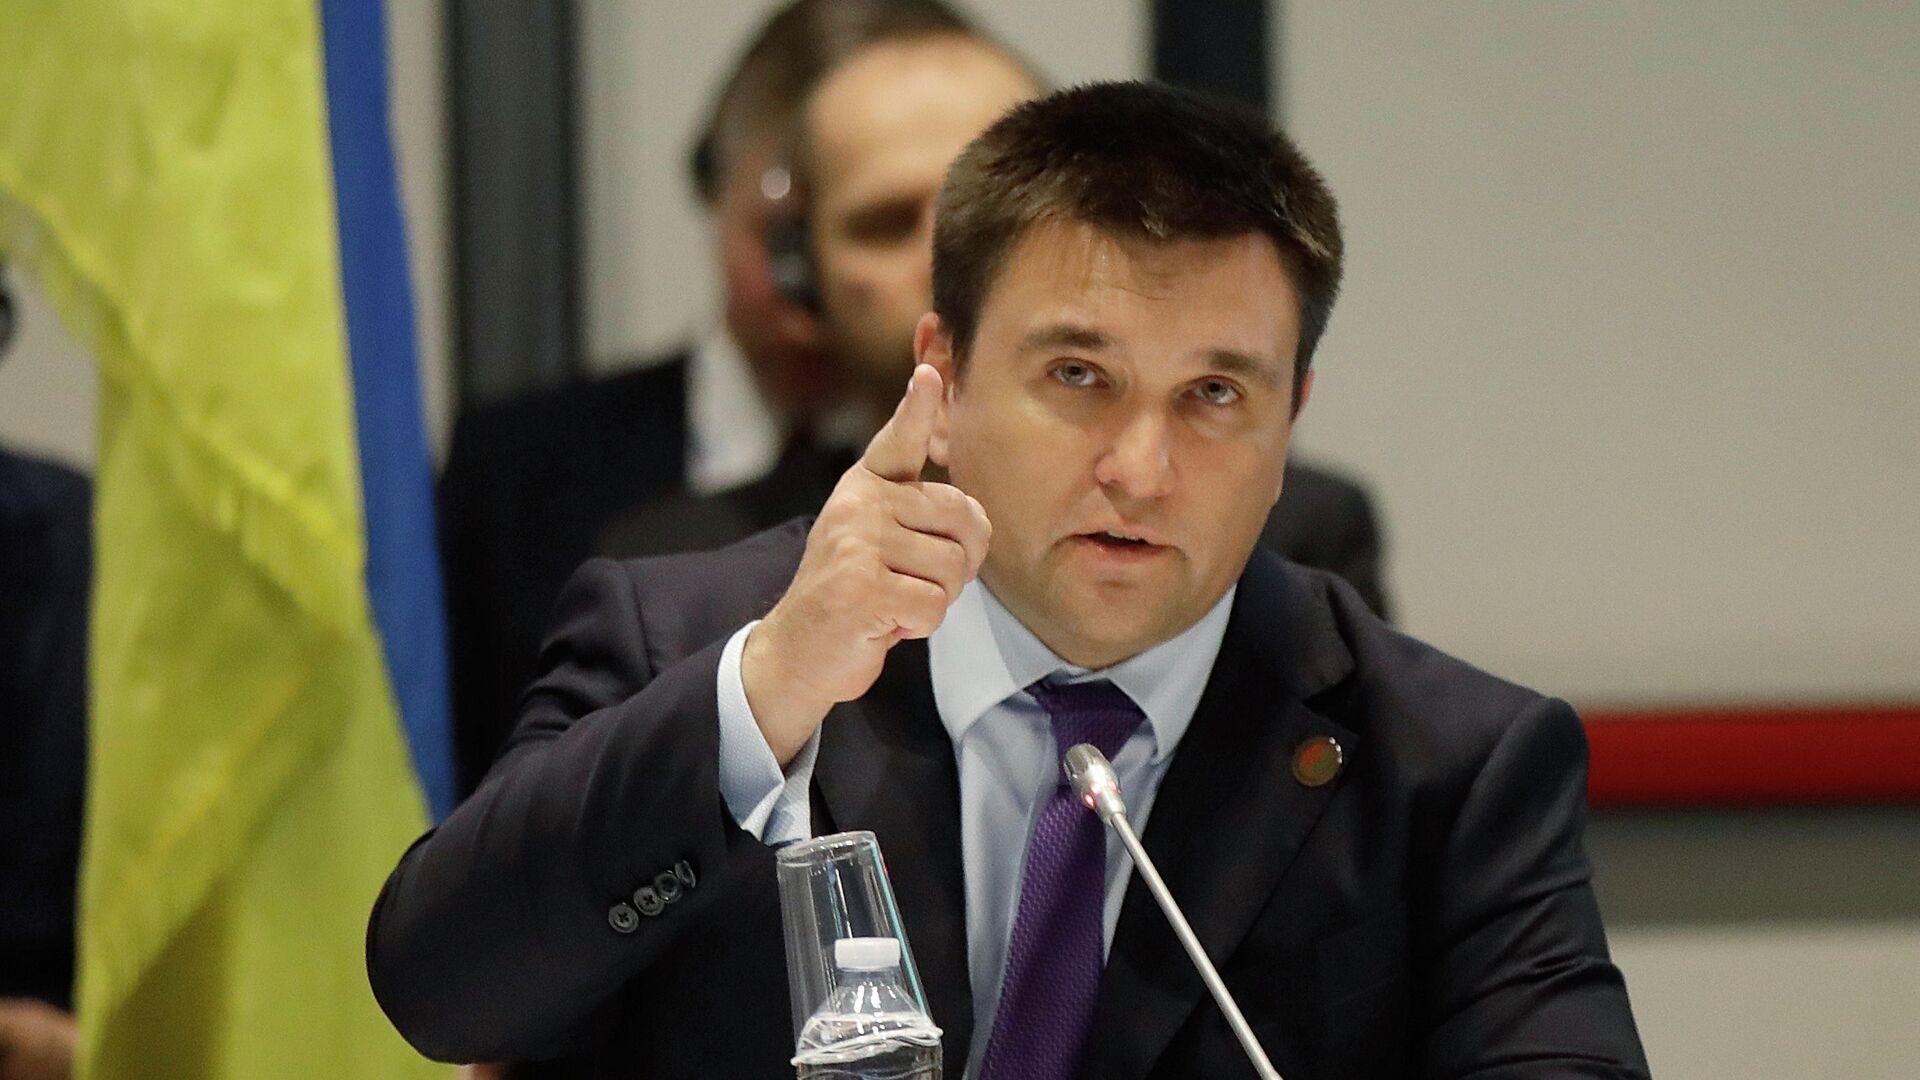 Министр иностранных дел Украины Павел Климкин  - РИА Новости, 1920, 21.09.2021